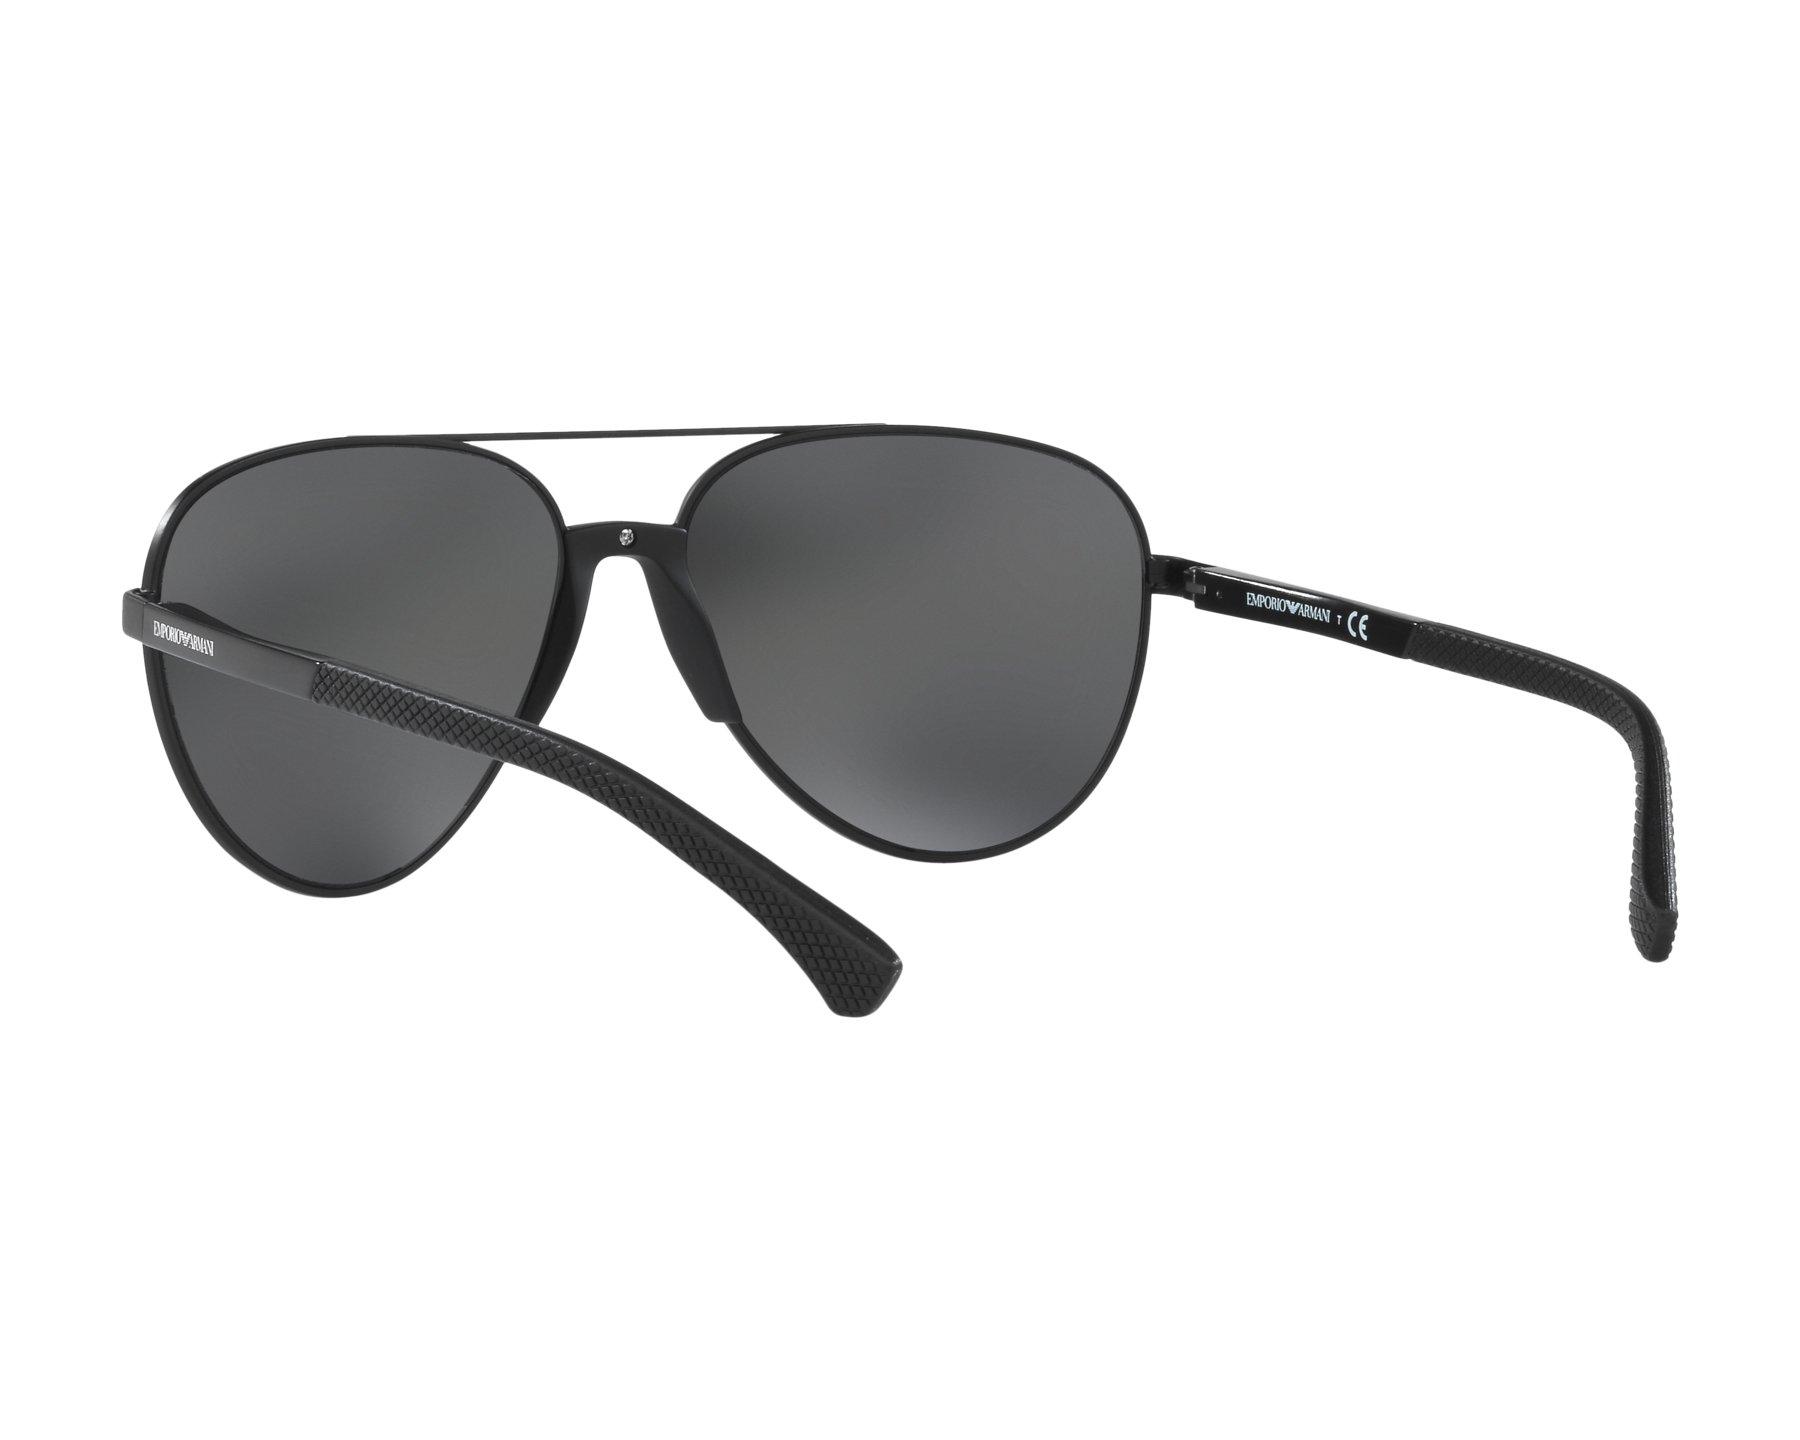 108c84c74324 Sunglasses Emporio Armani EA-2059 320387 61-15 Black 360 degree view 6